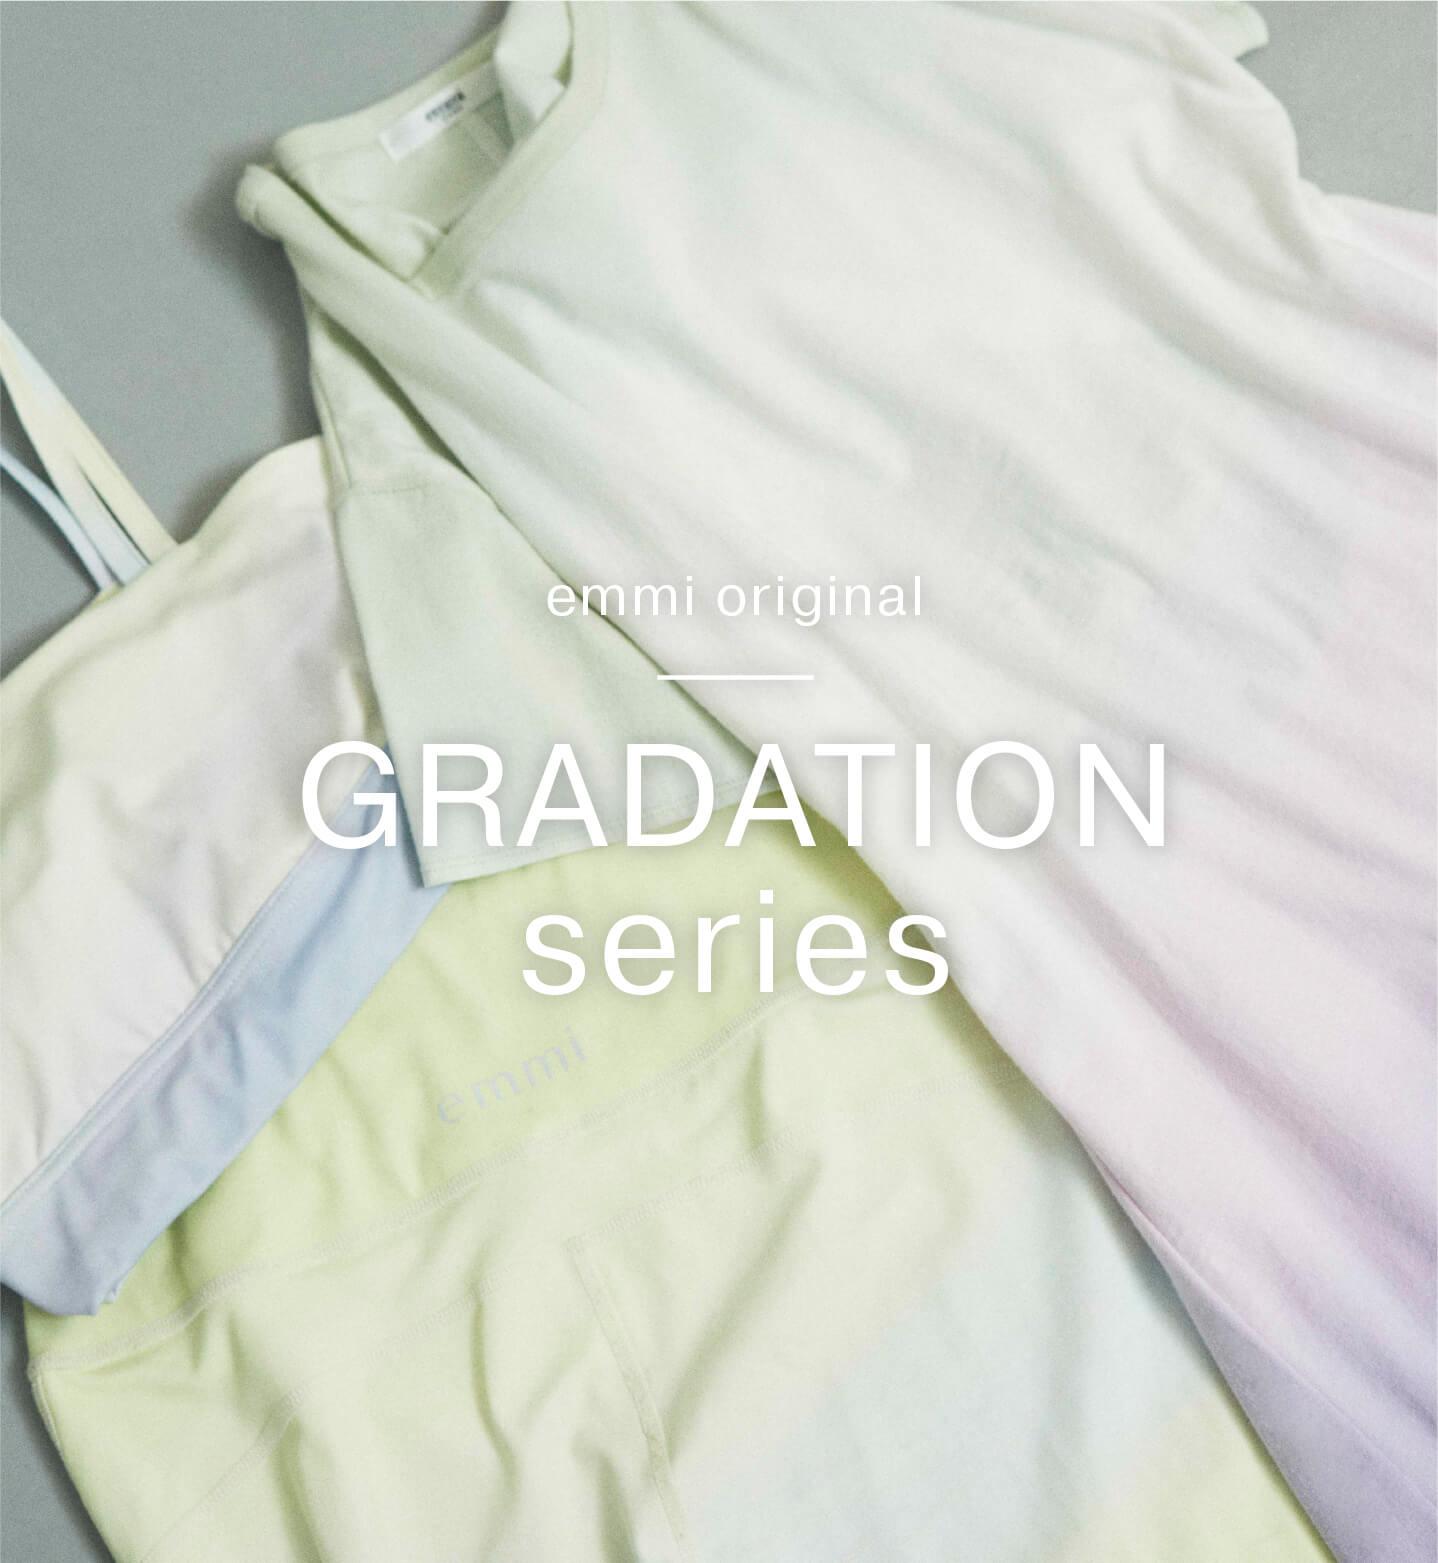 emmi original GRADATION series